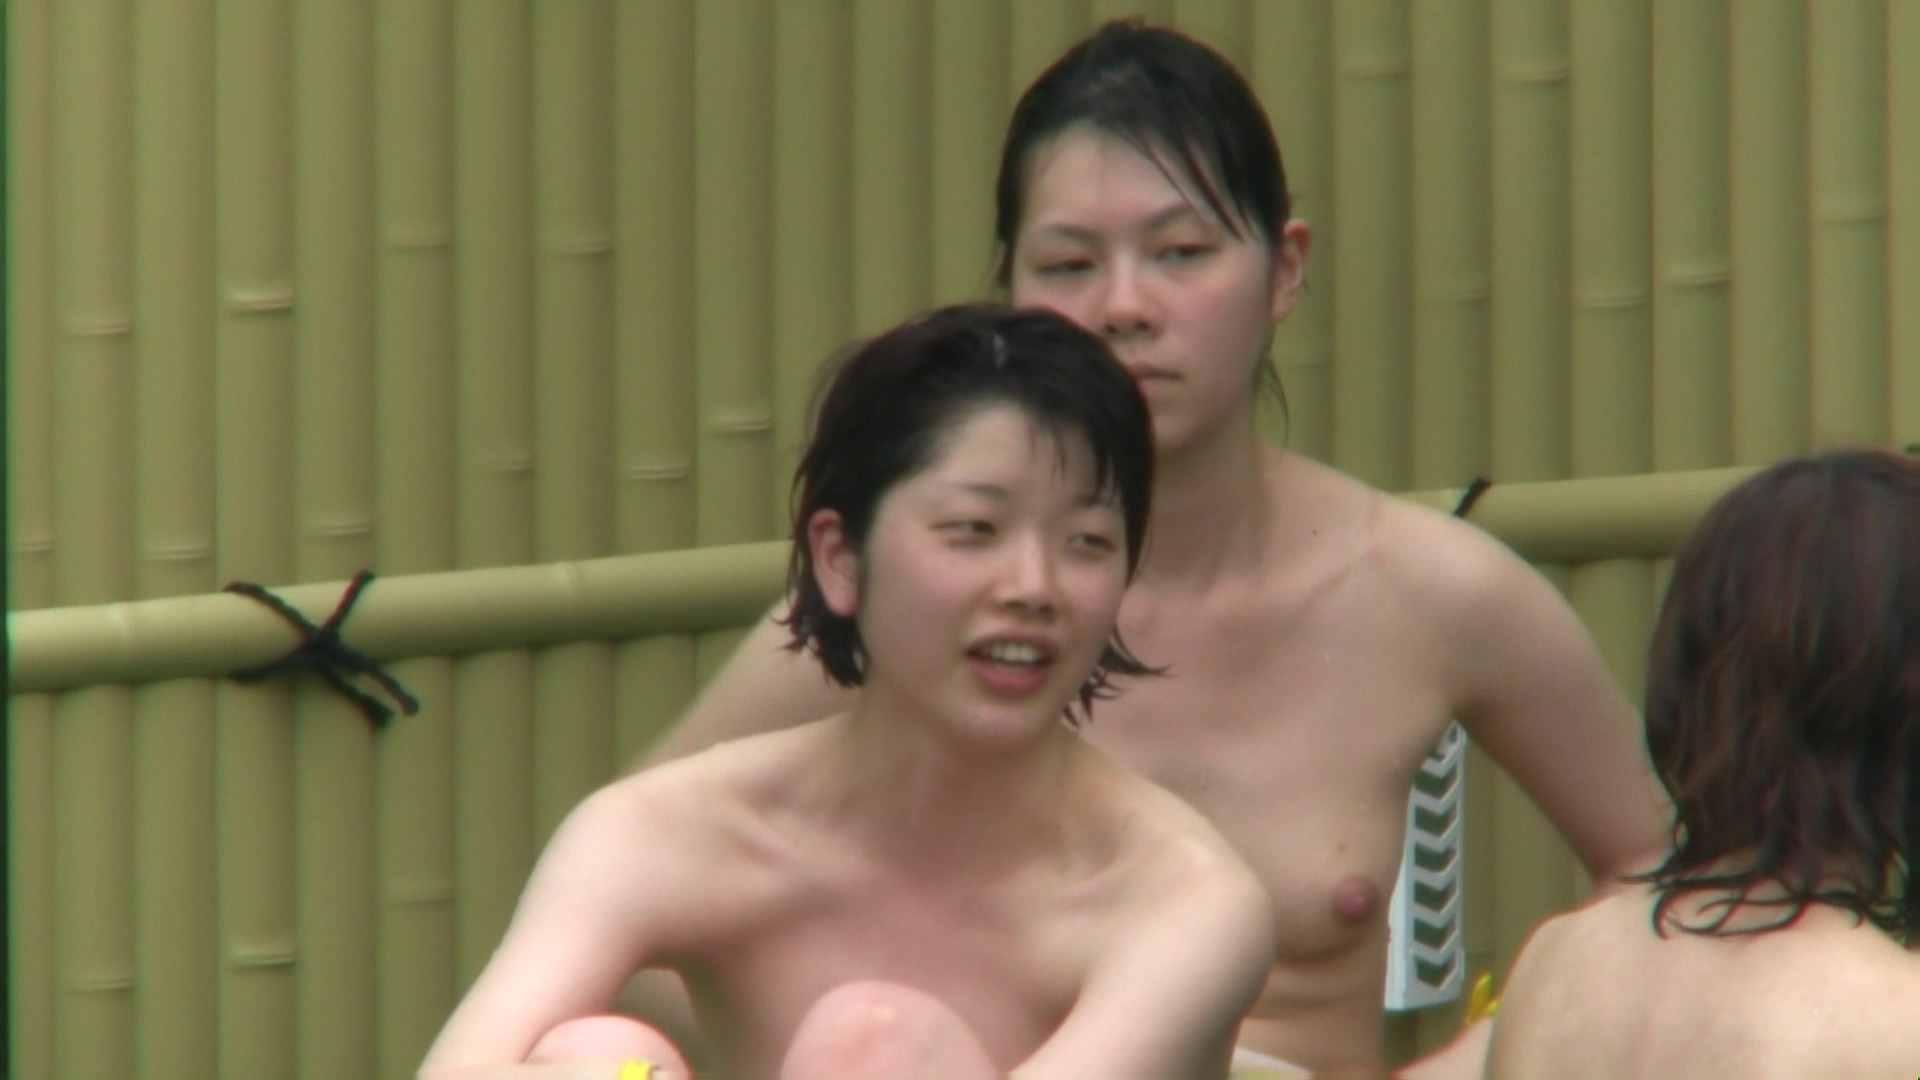 Aquaな露天風呂Vol.65【VIP限定】 盗撮  95画像 63